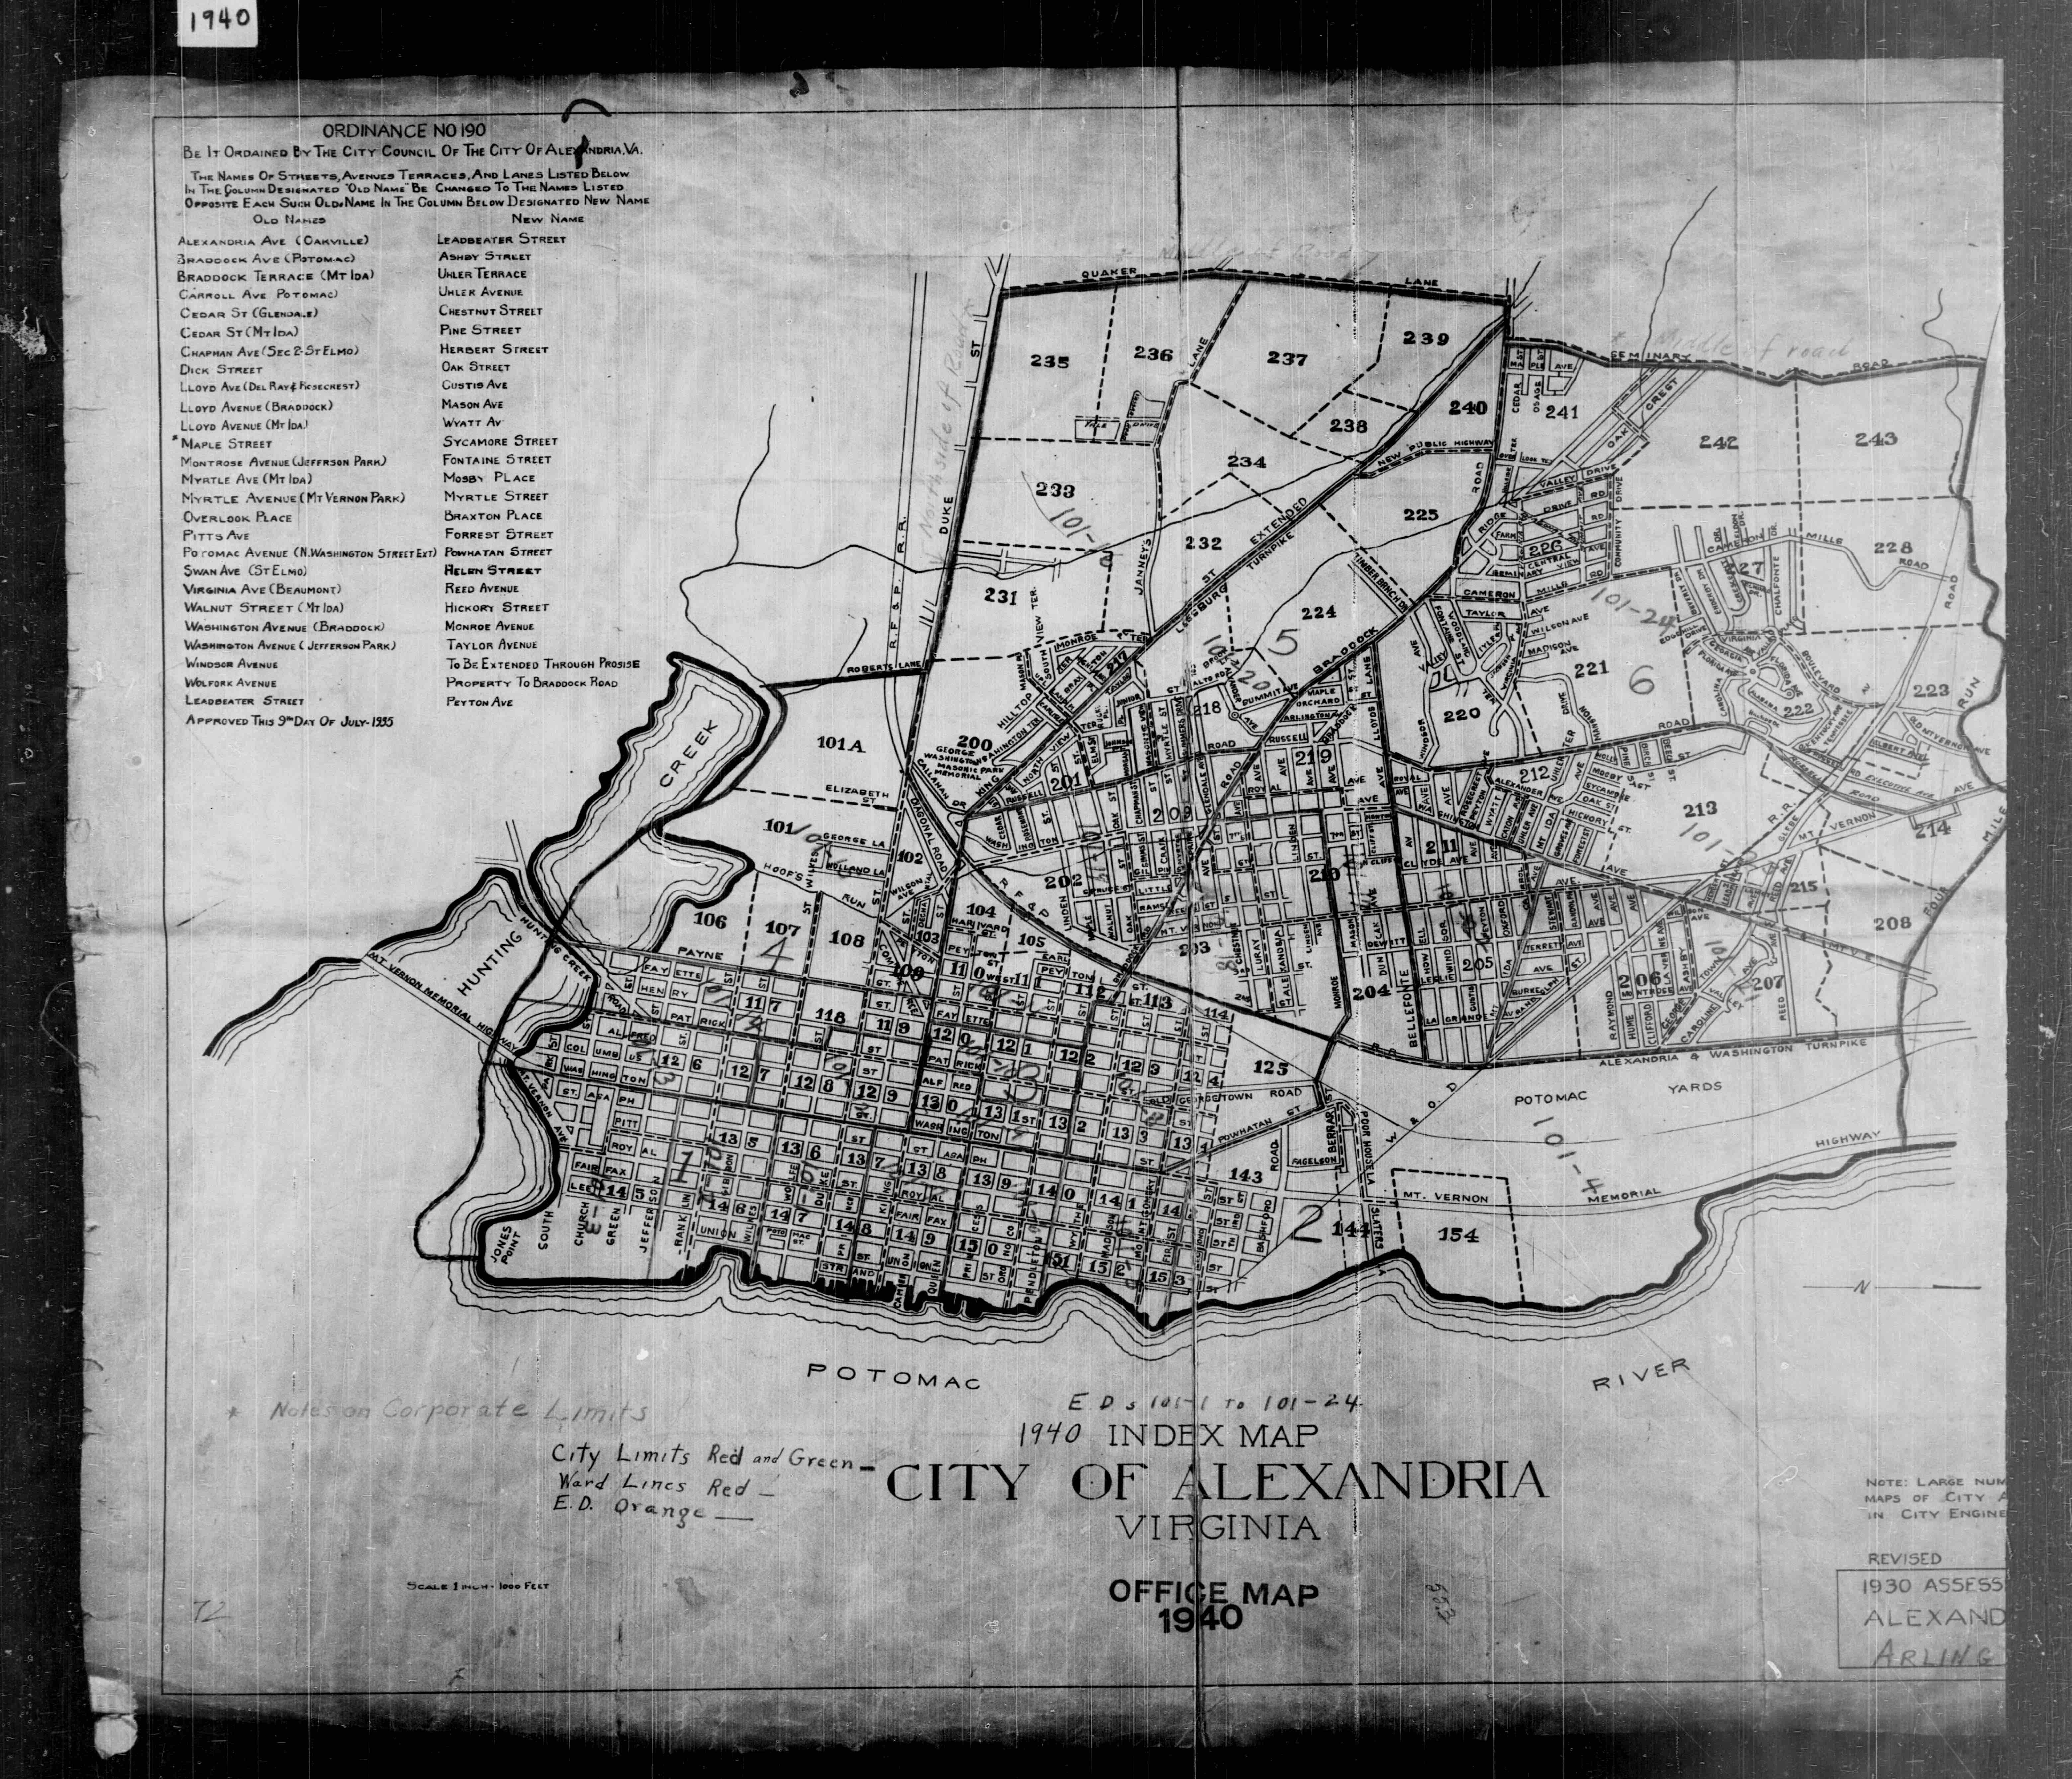 1940 census enumeration map